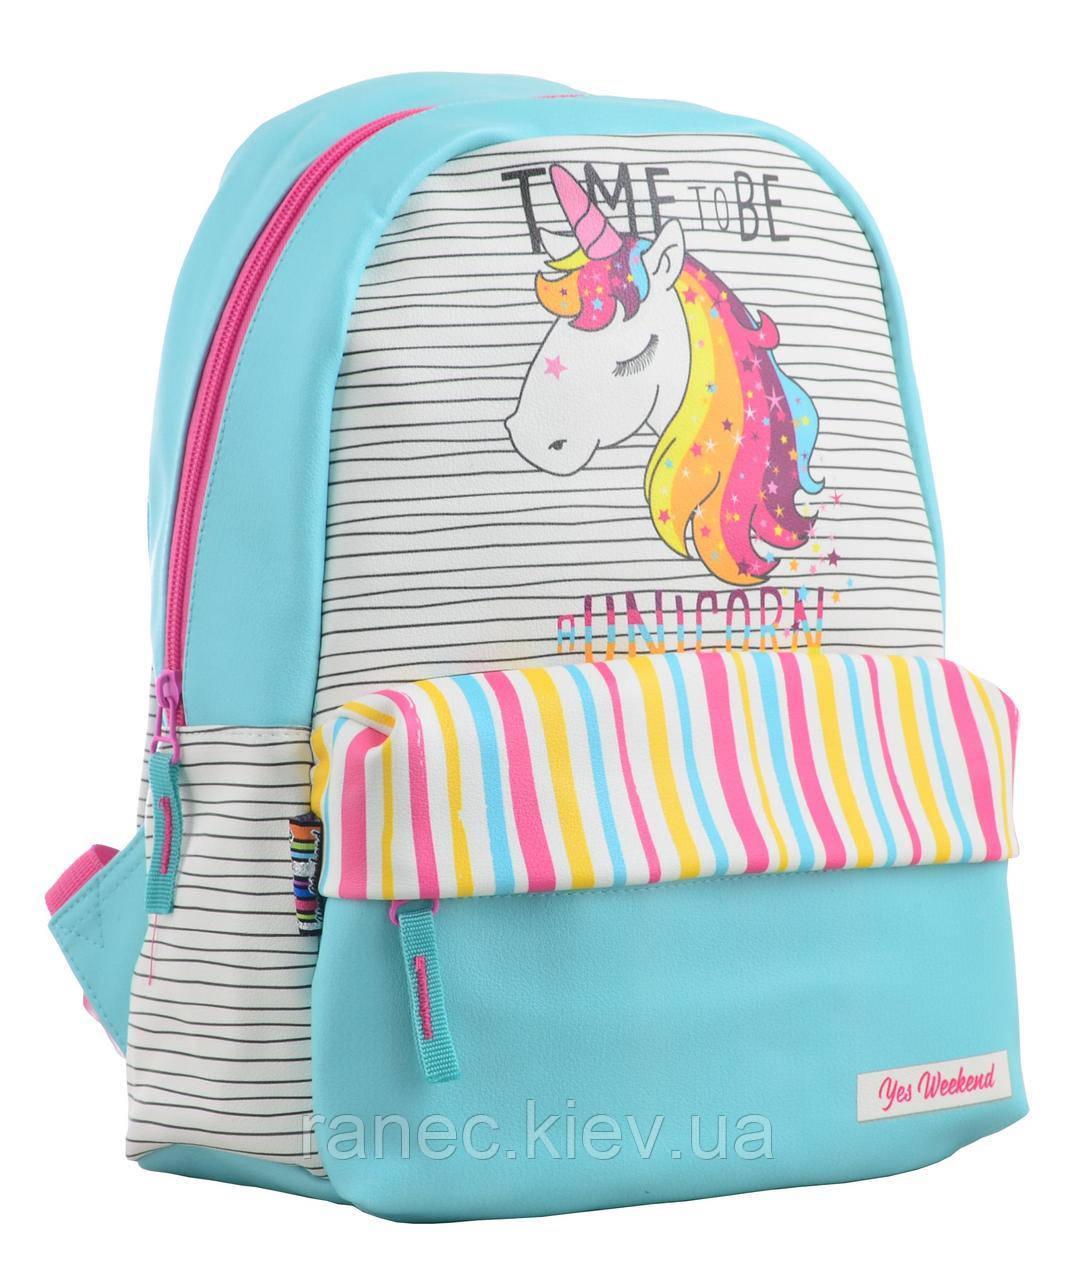 Рюкзак молодежный ST-28 Unicorn 34*24*13.5 554952 YES Weekend